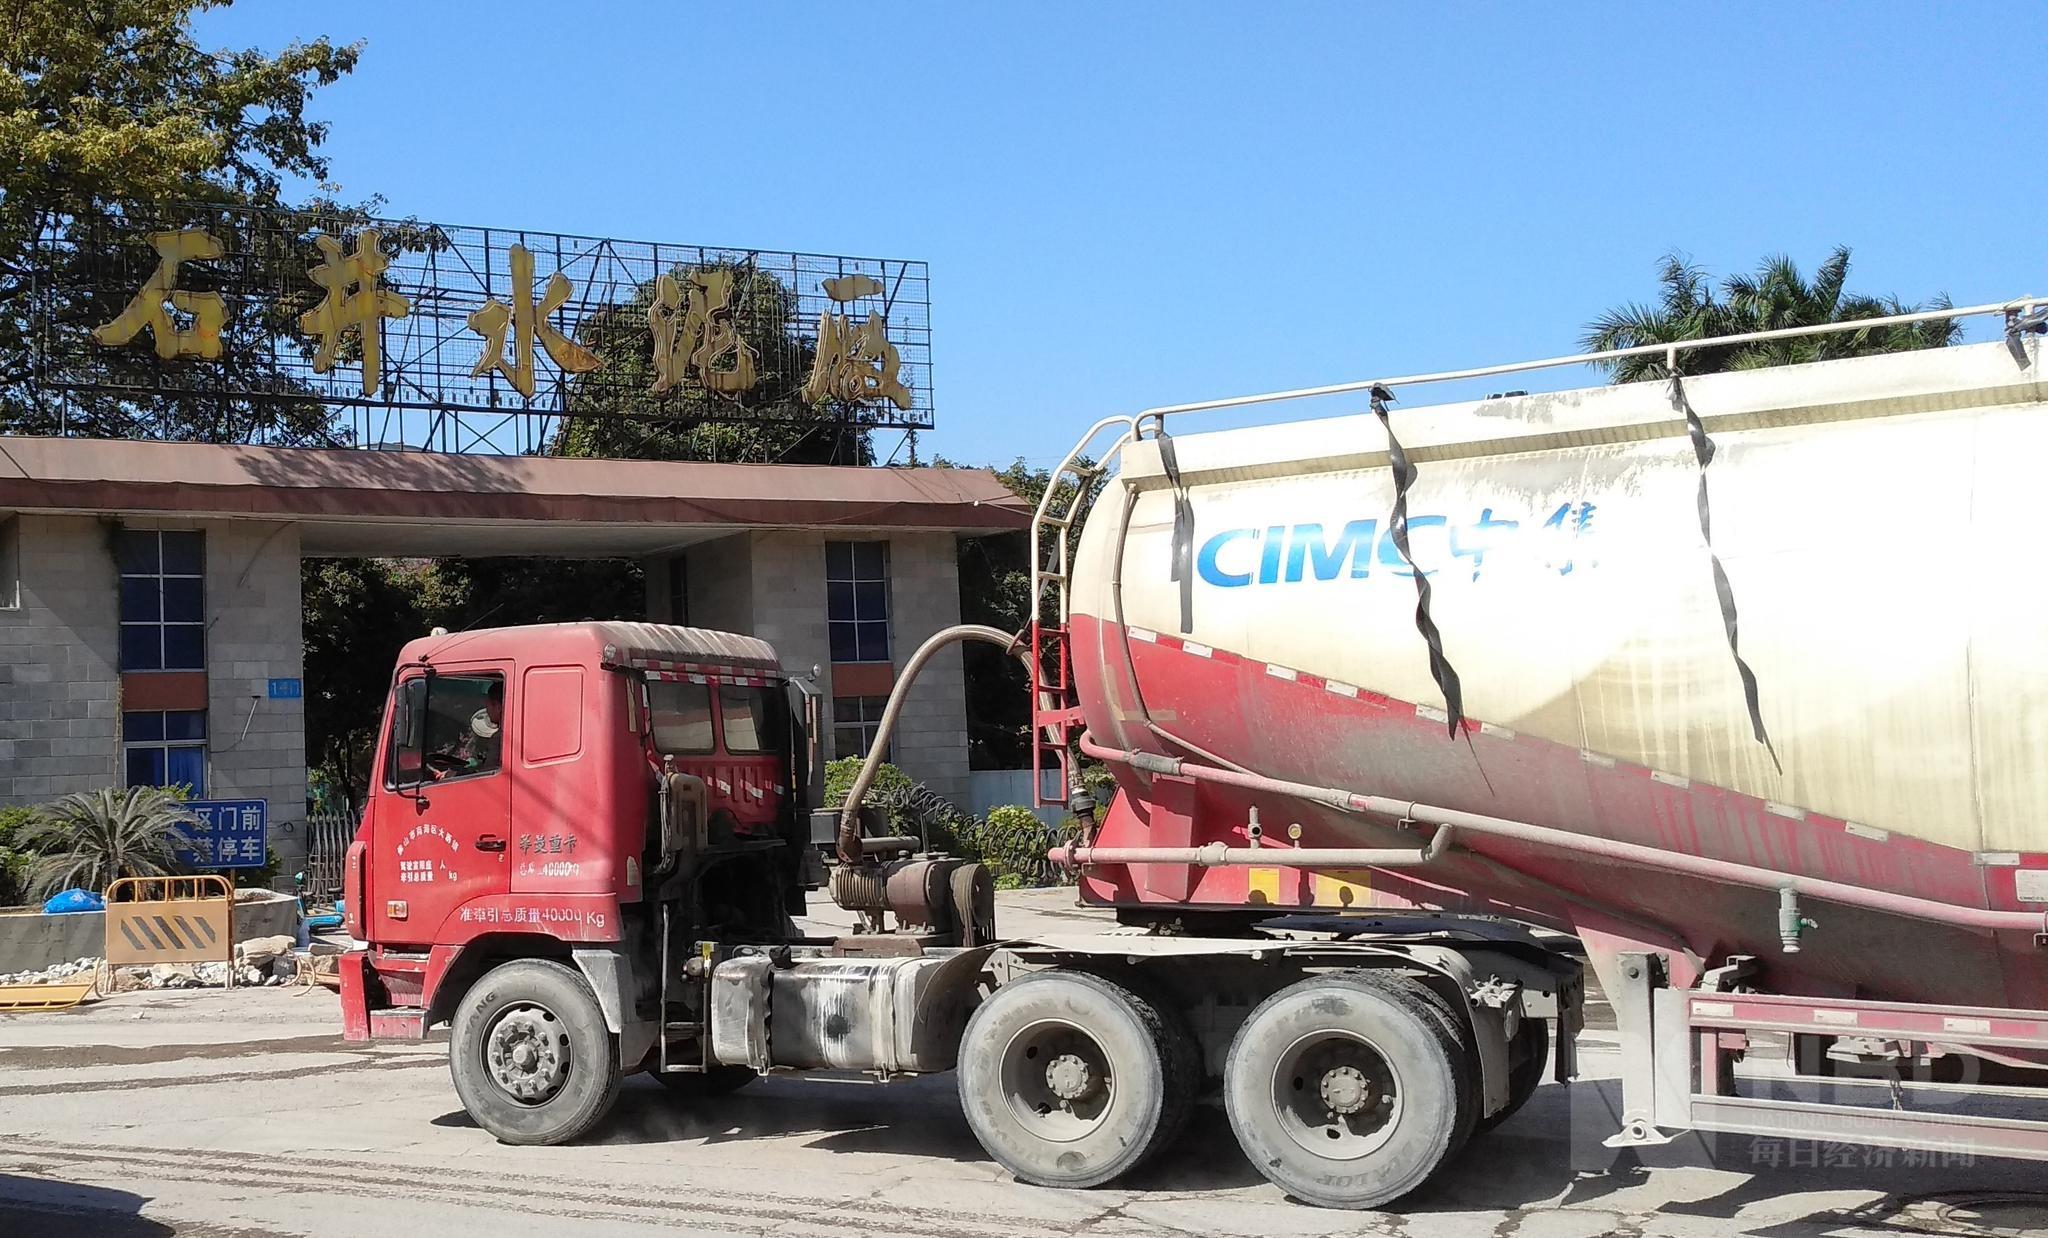 石井水泥厂门口,一辆水泥罐车驶过